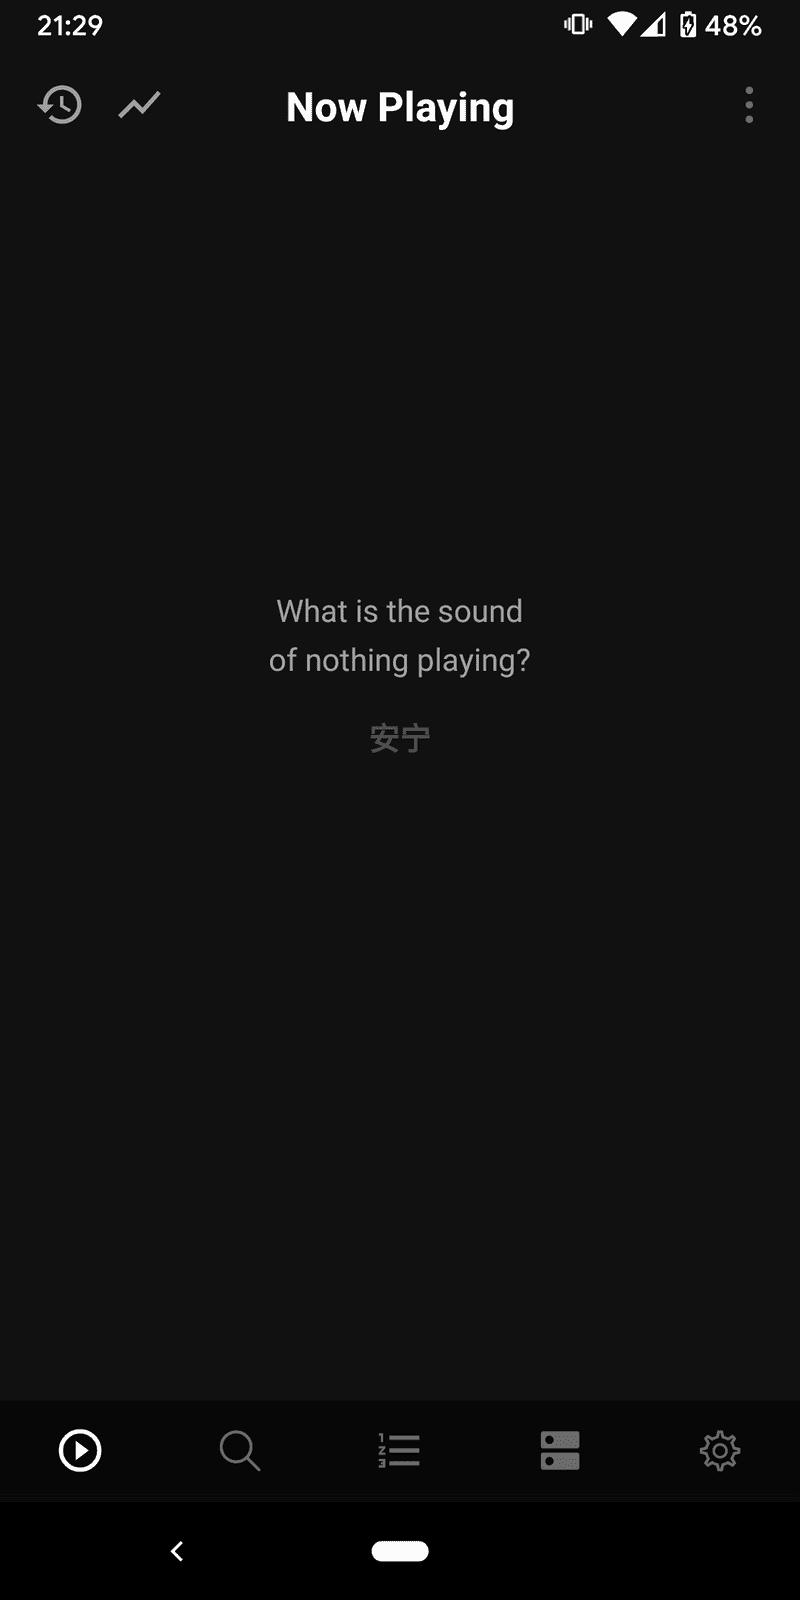 Screenshot of Nothing Playing in Plex Dash